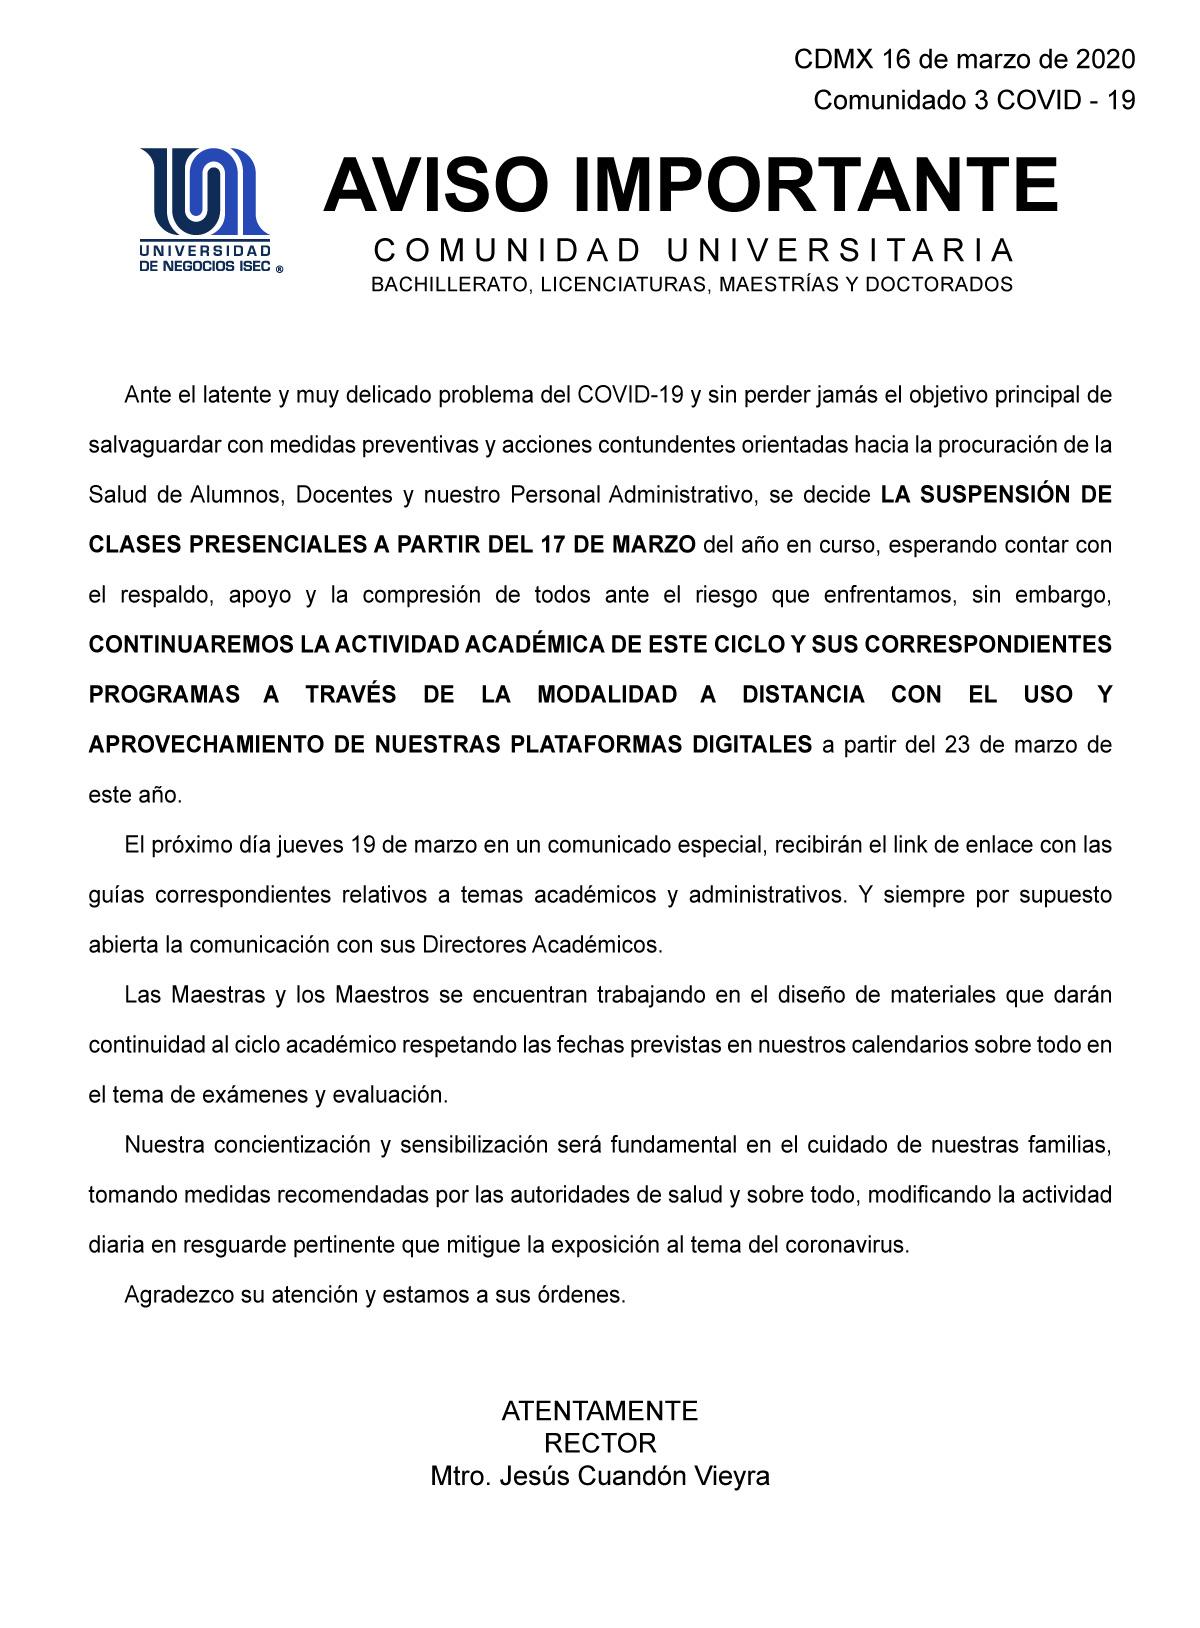 Universidad de Negocios ISEC - Comunicado del 16 marzo sobre COVID-19